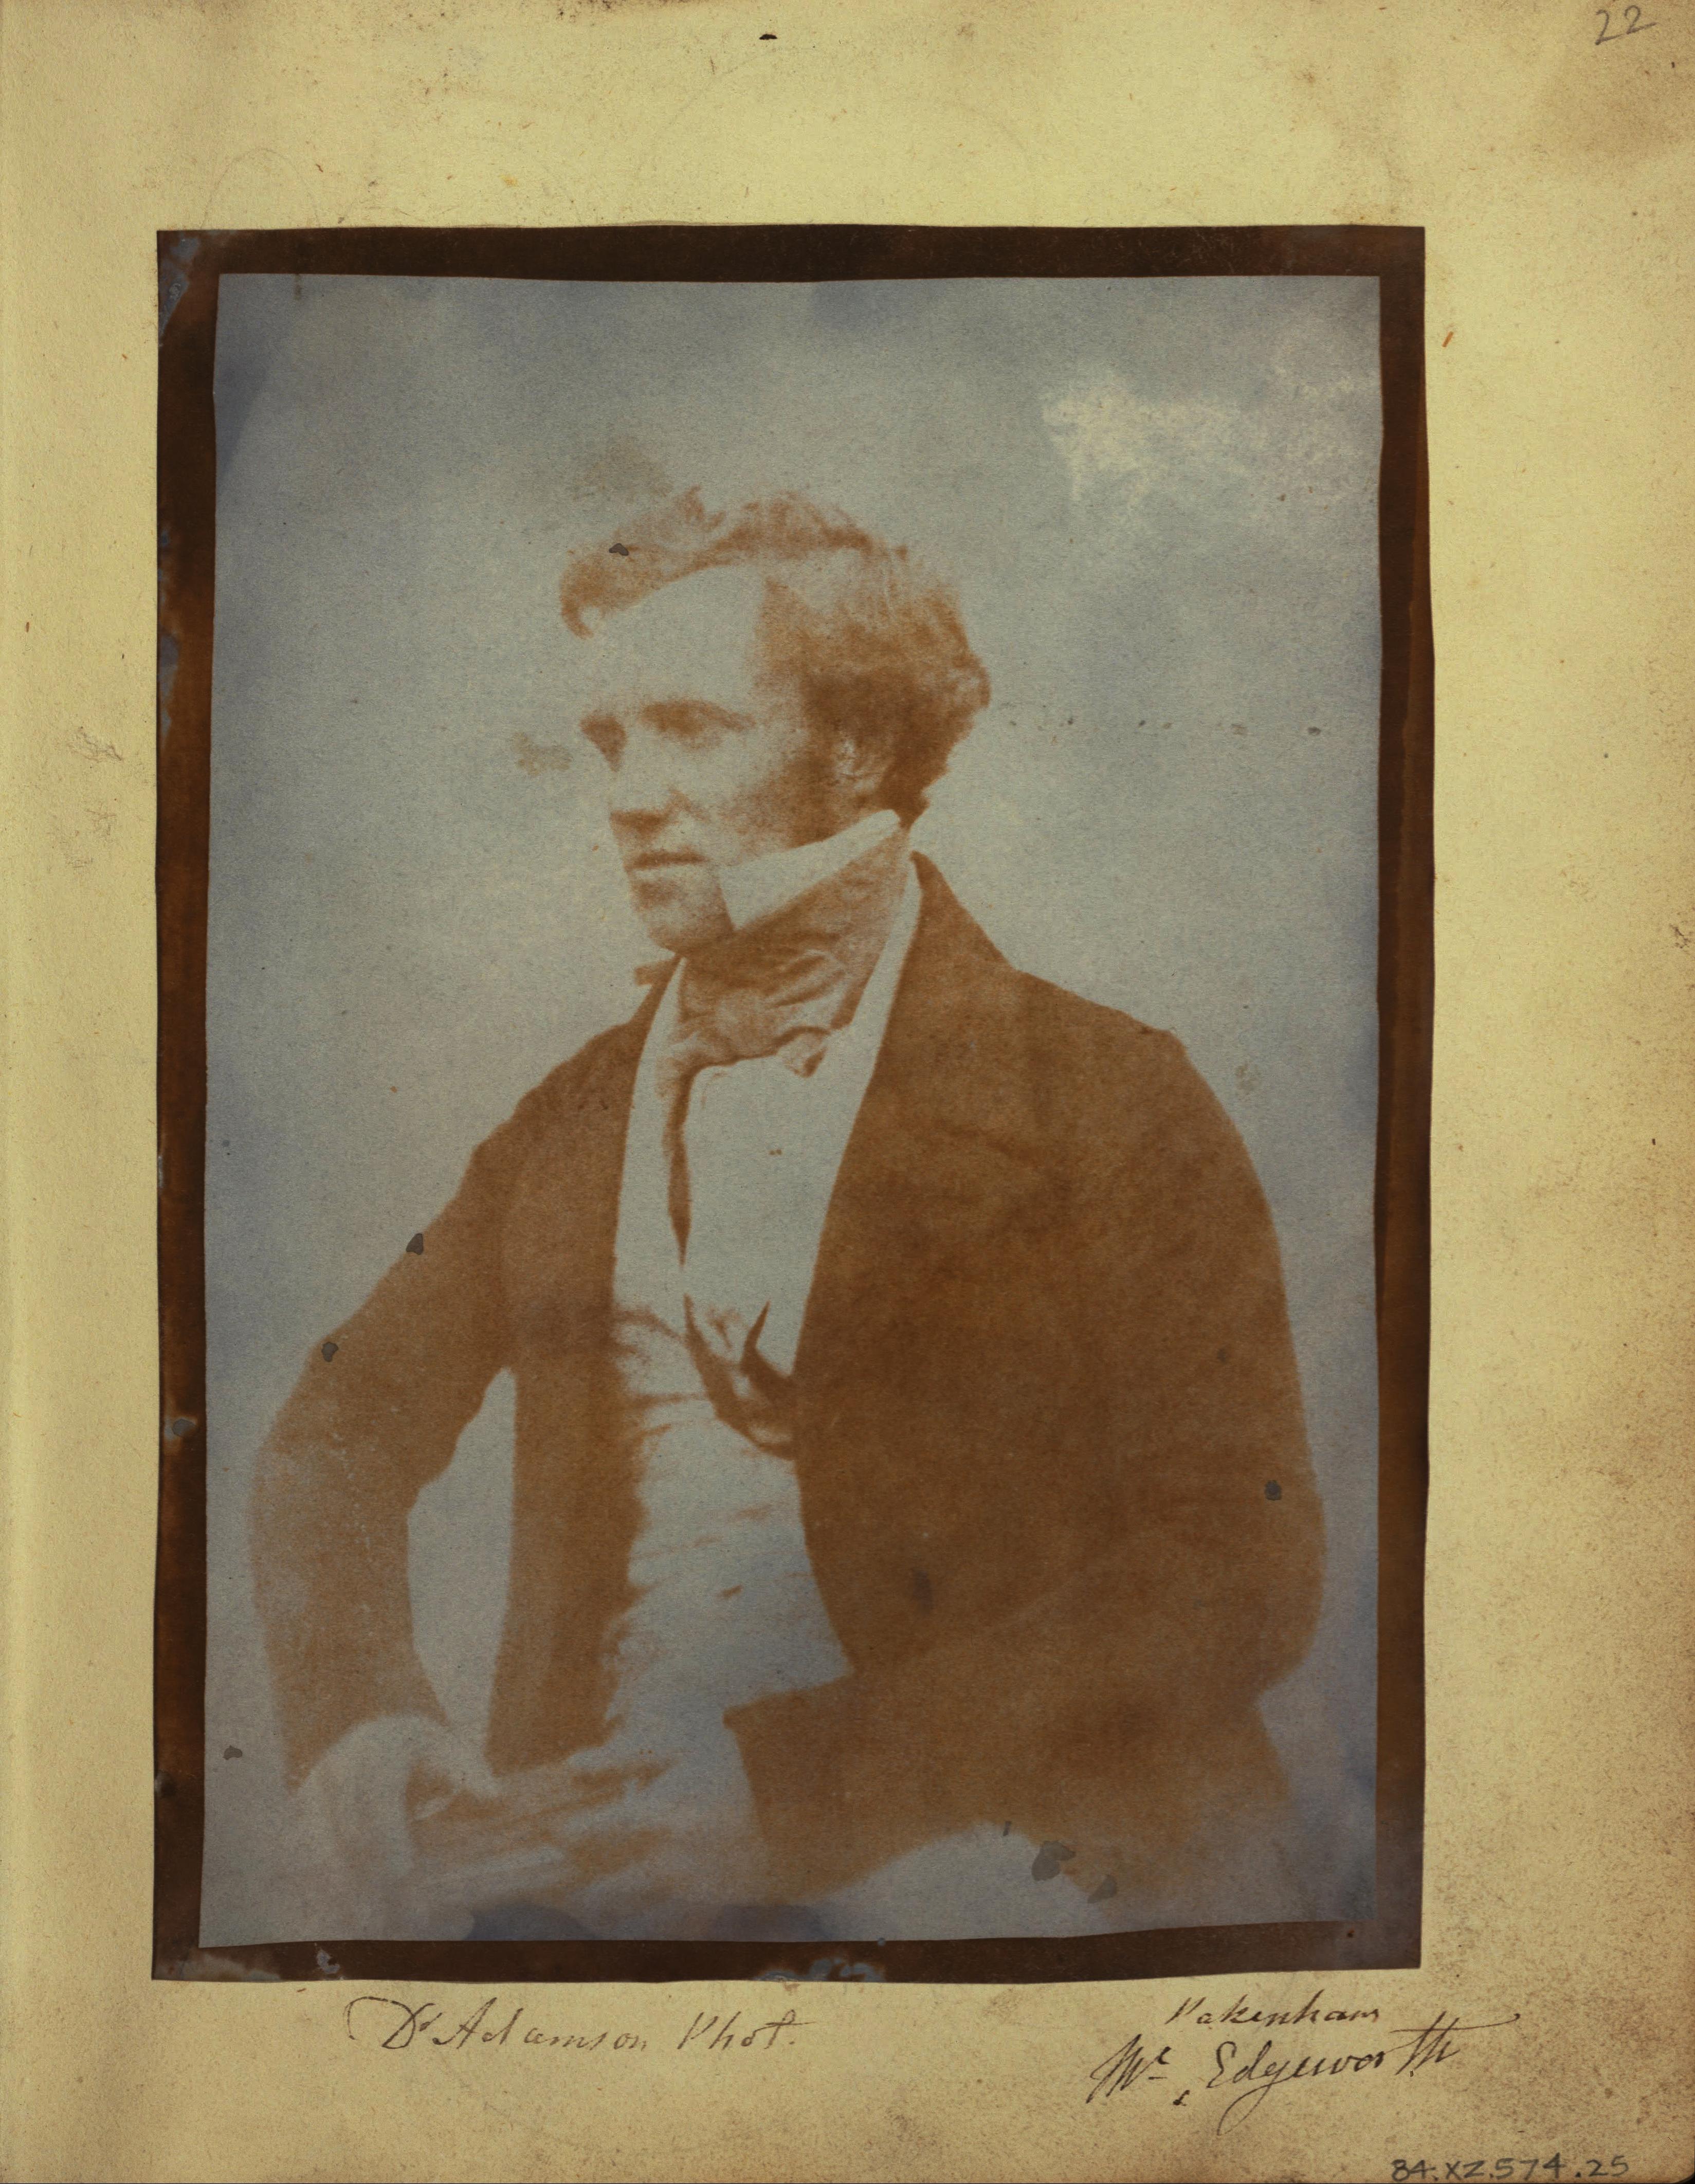 Image of Michael Pakenham Edgeworth from Wikidata